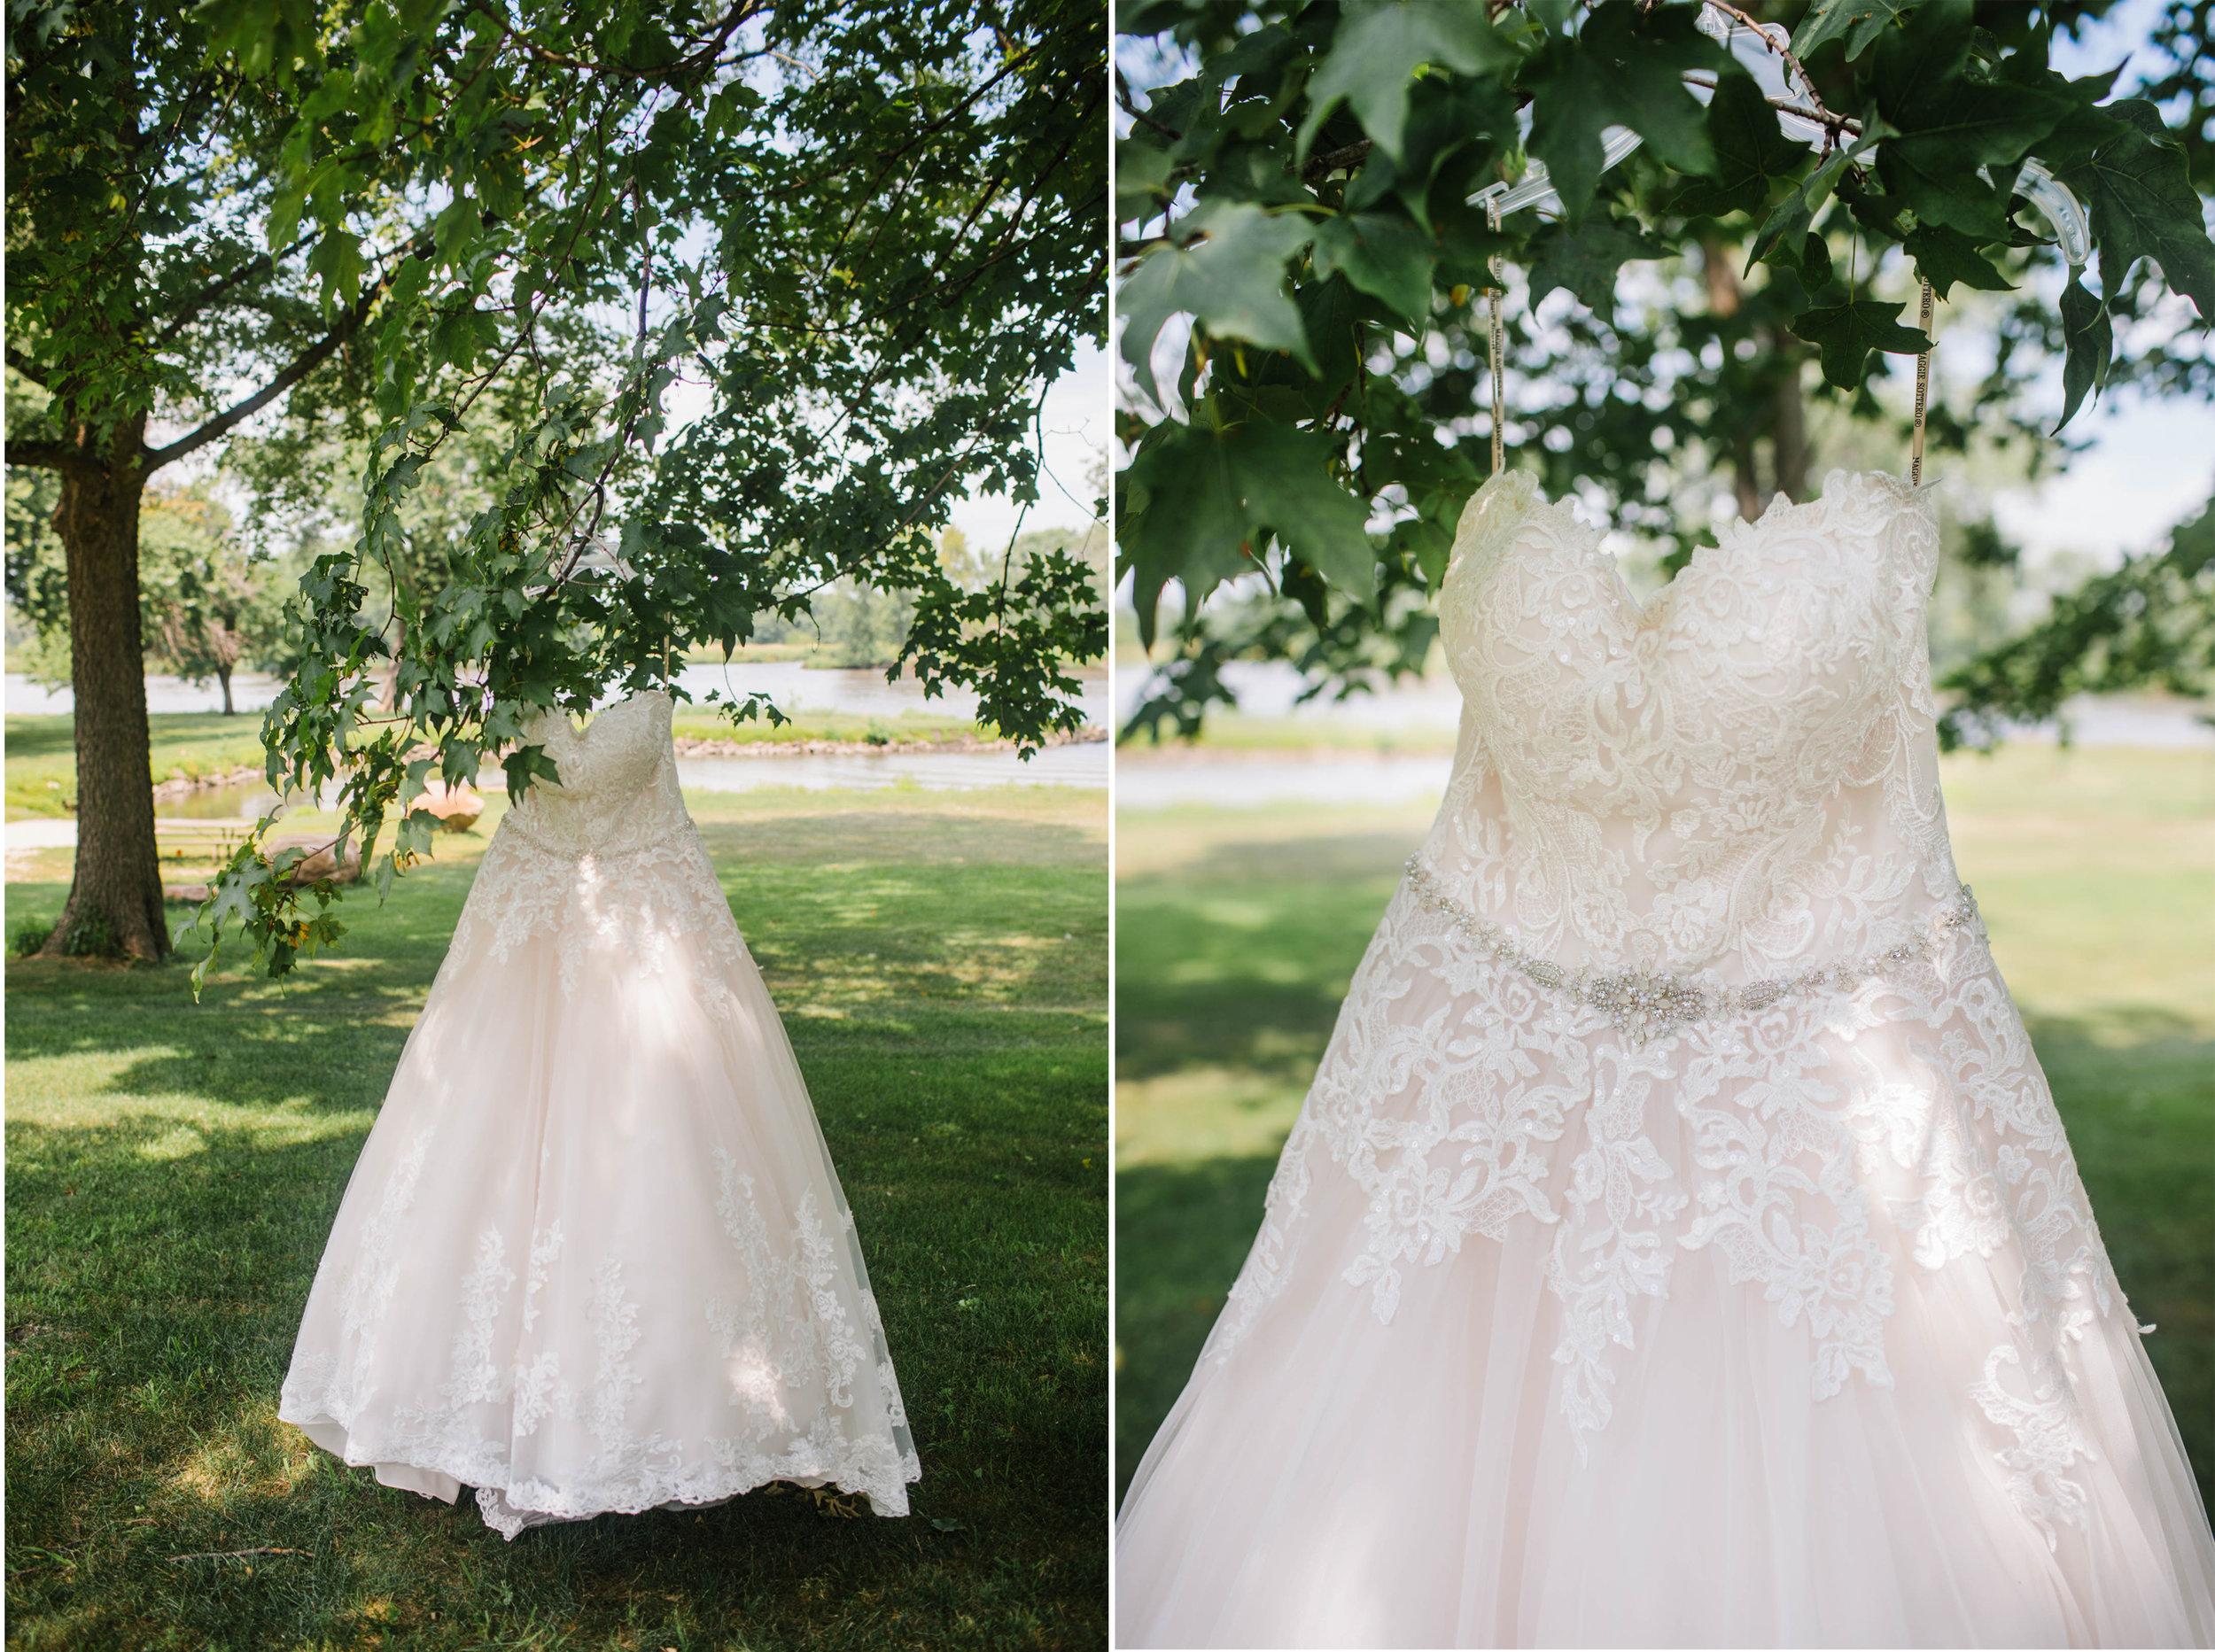 cedar falls wedding dress